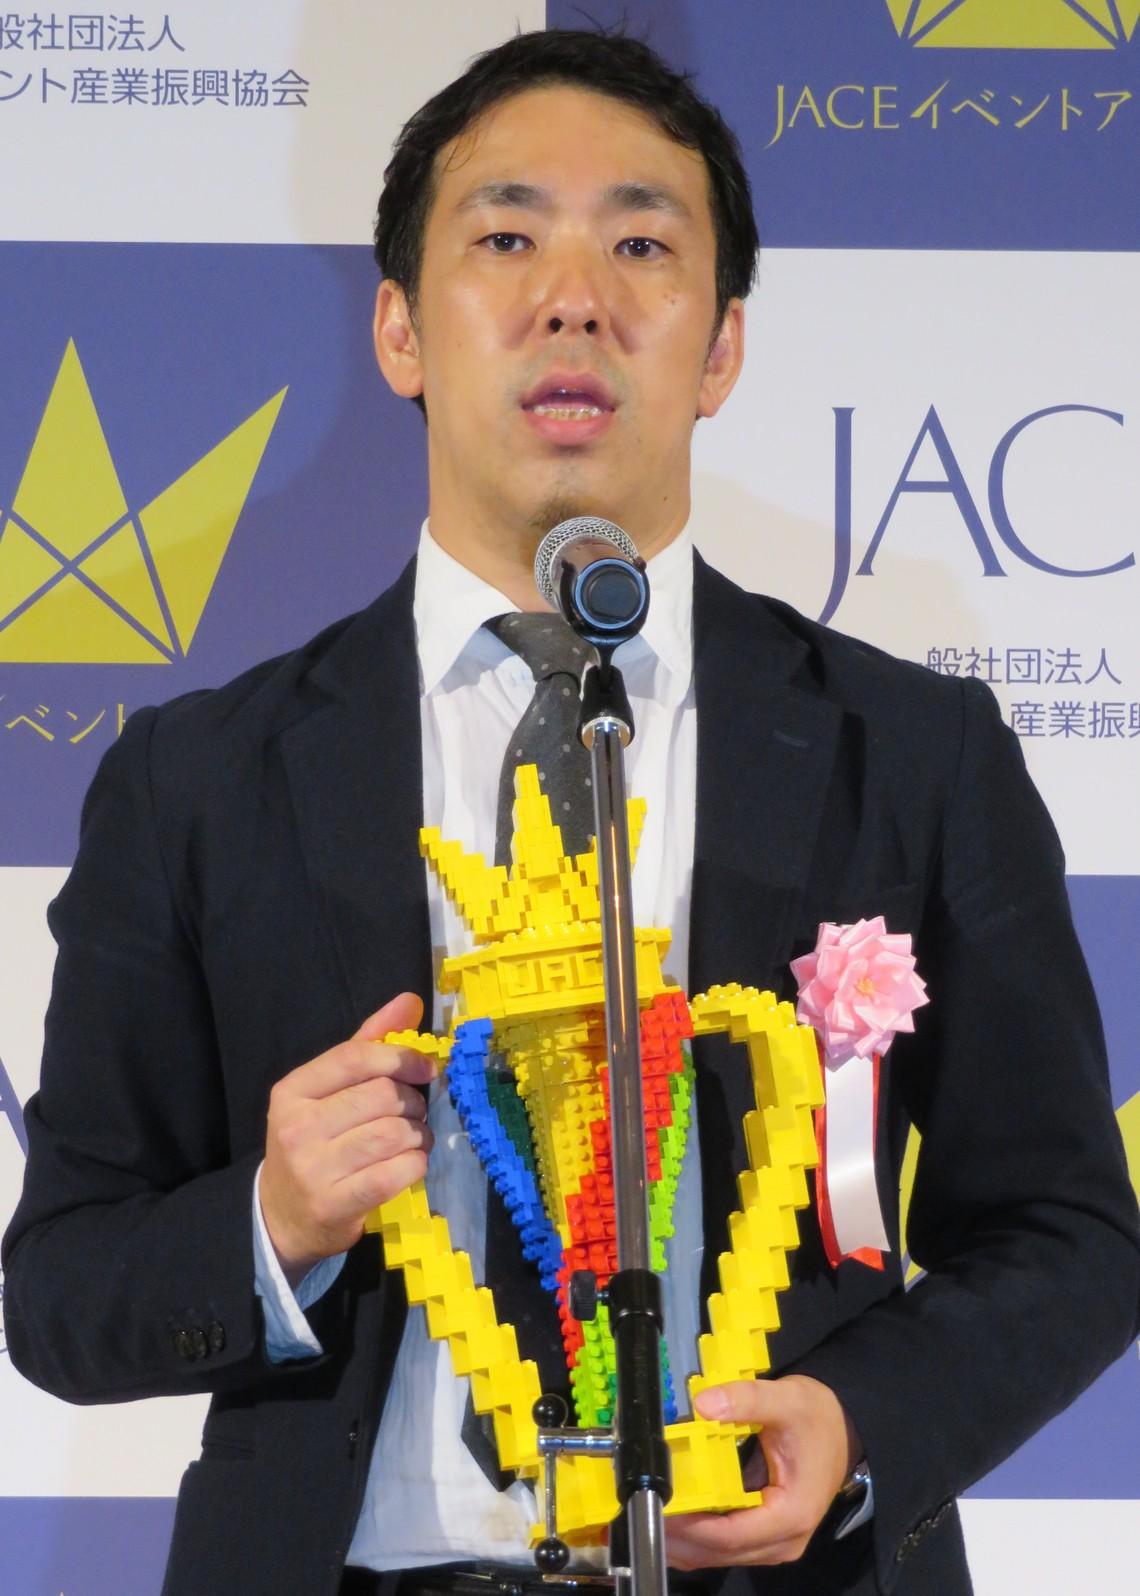 世界展開に意欲を示した塚本氏